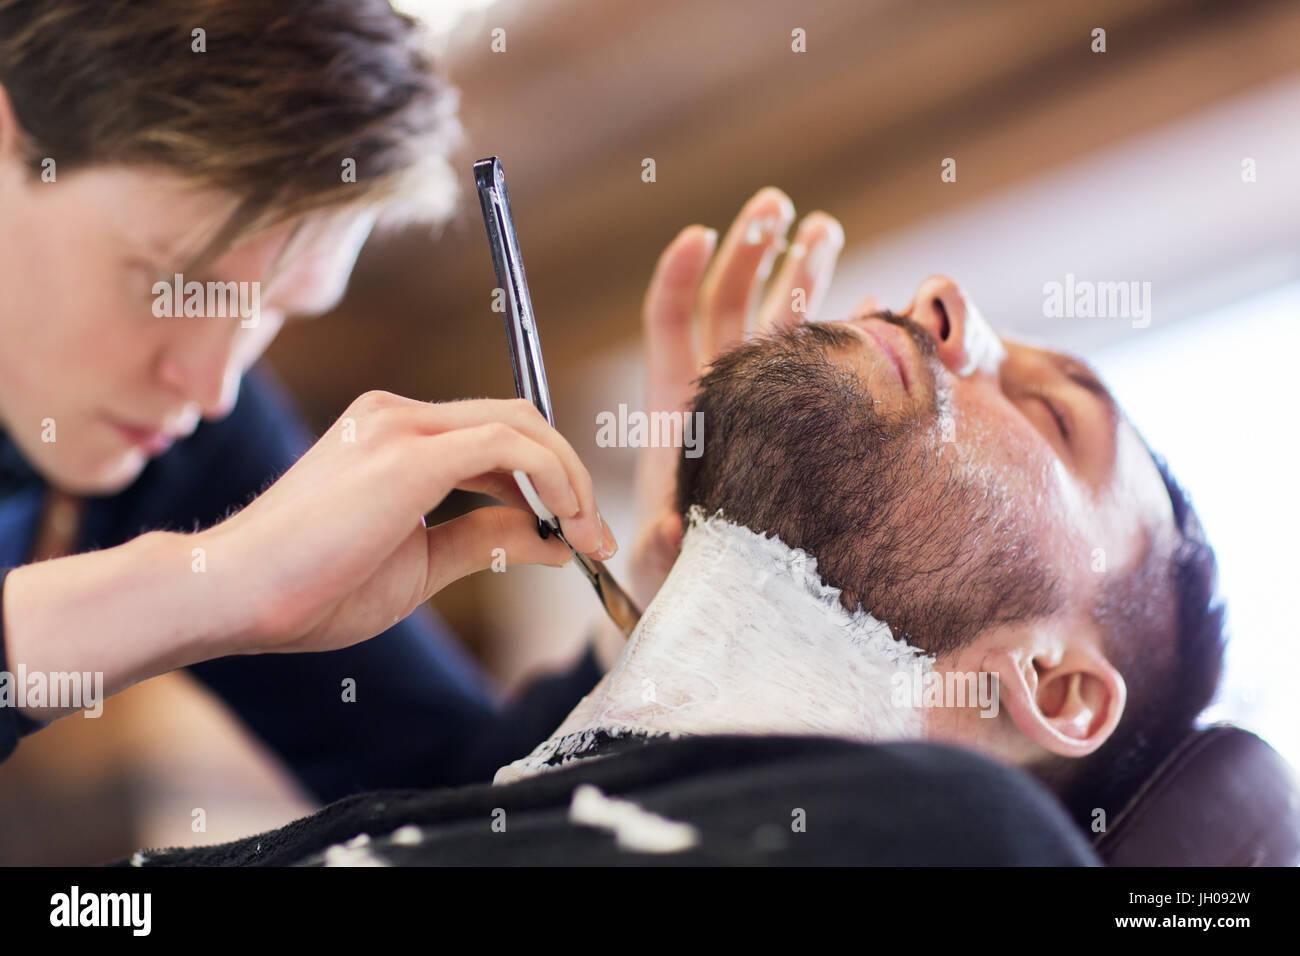 L'homme et de coiffure avec barbe rasage rasoir droit Photo Stock